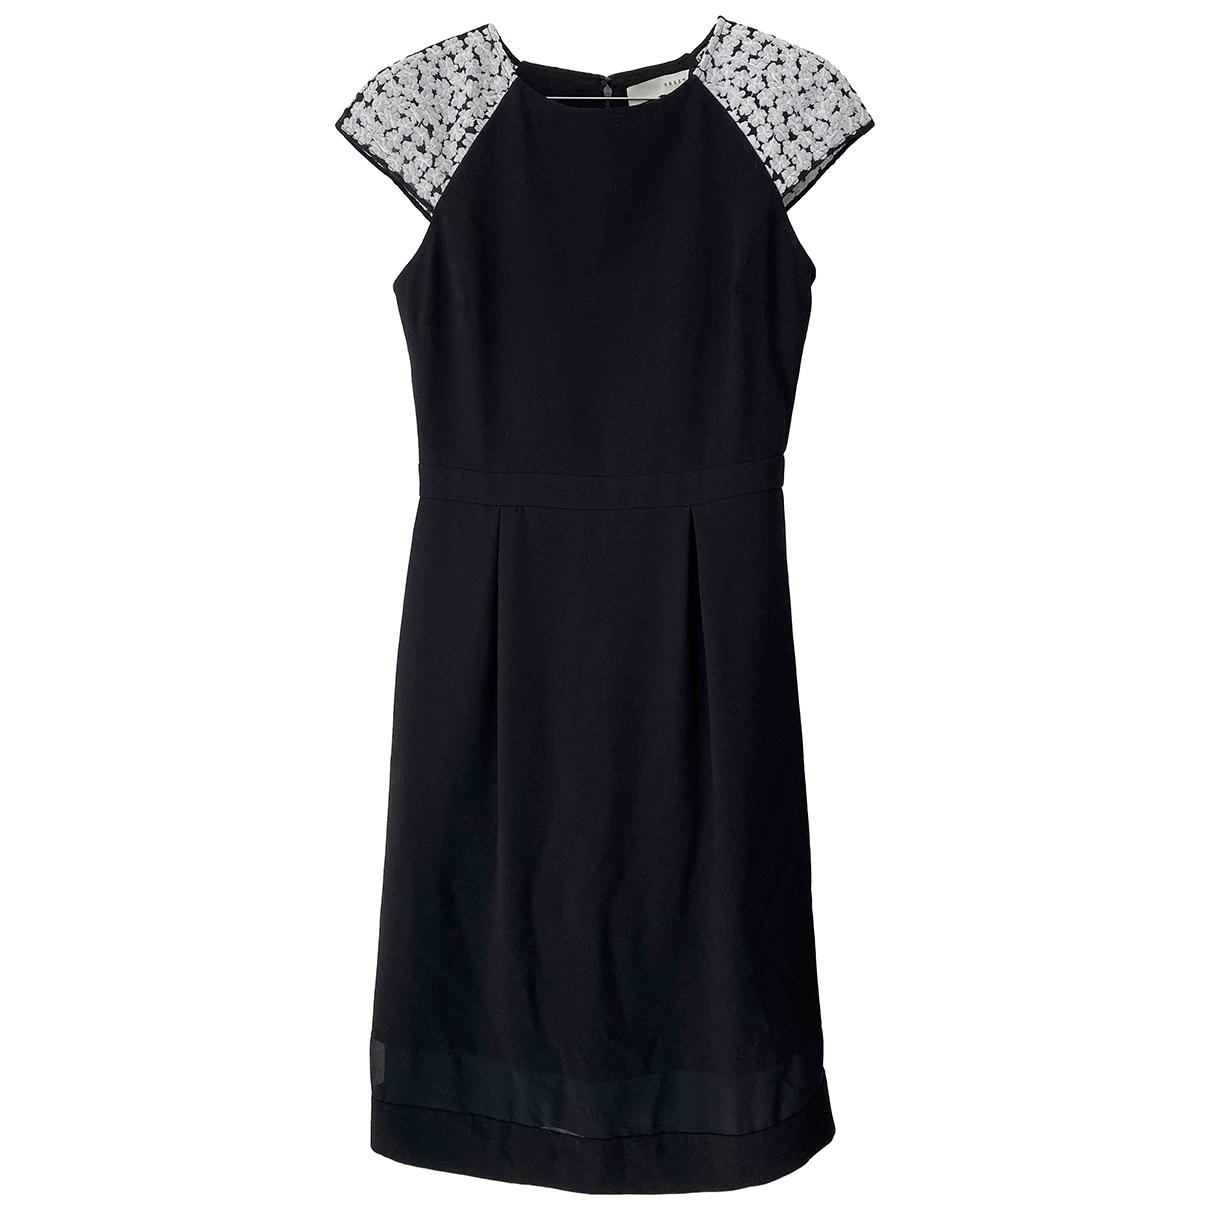 Preen \N Black dress for Women 8 UK